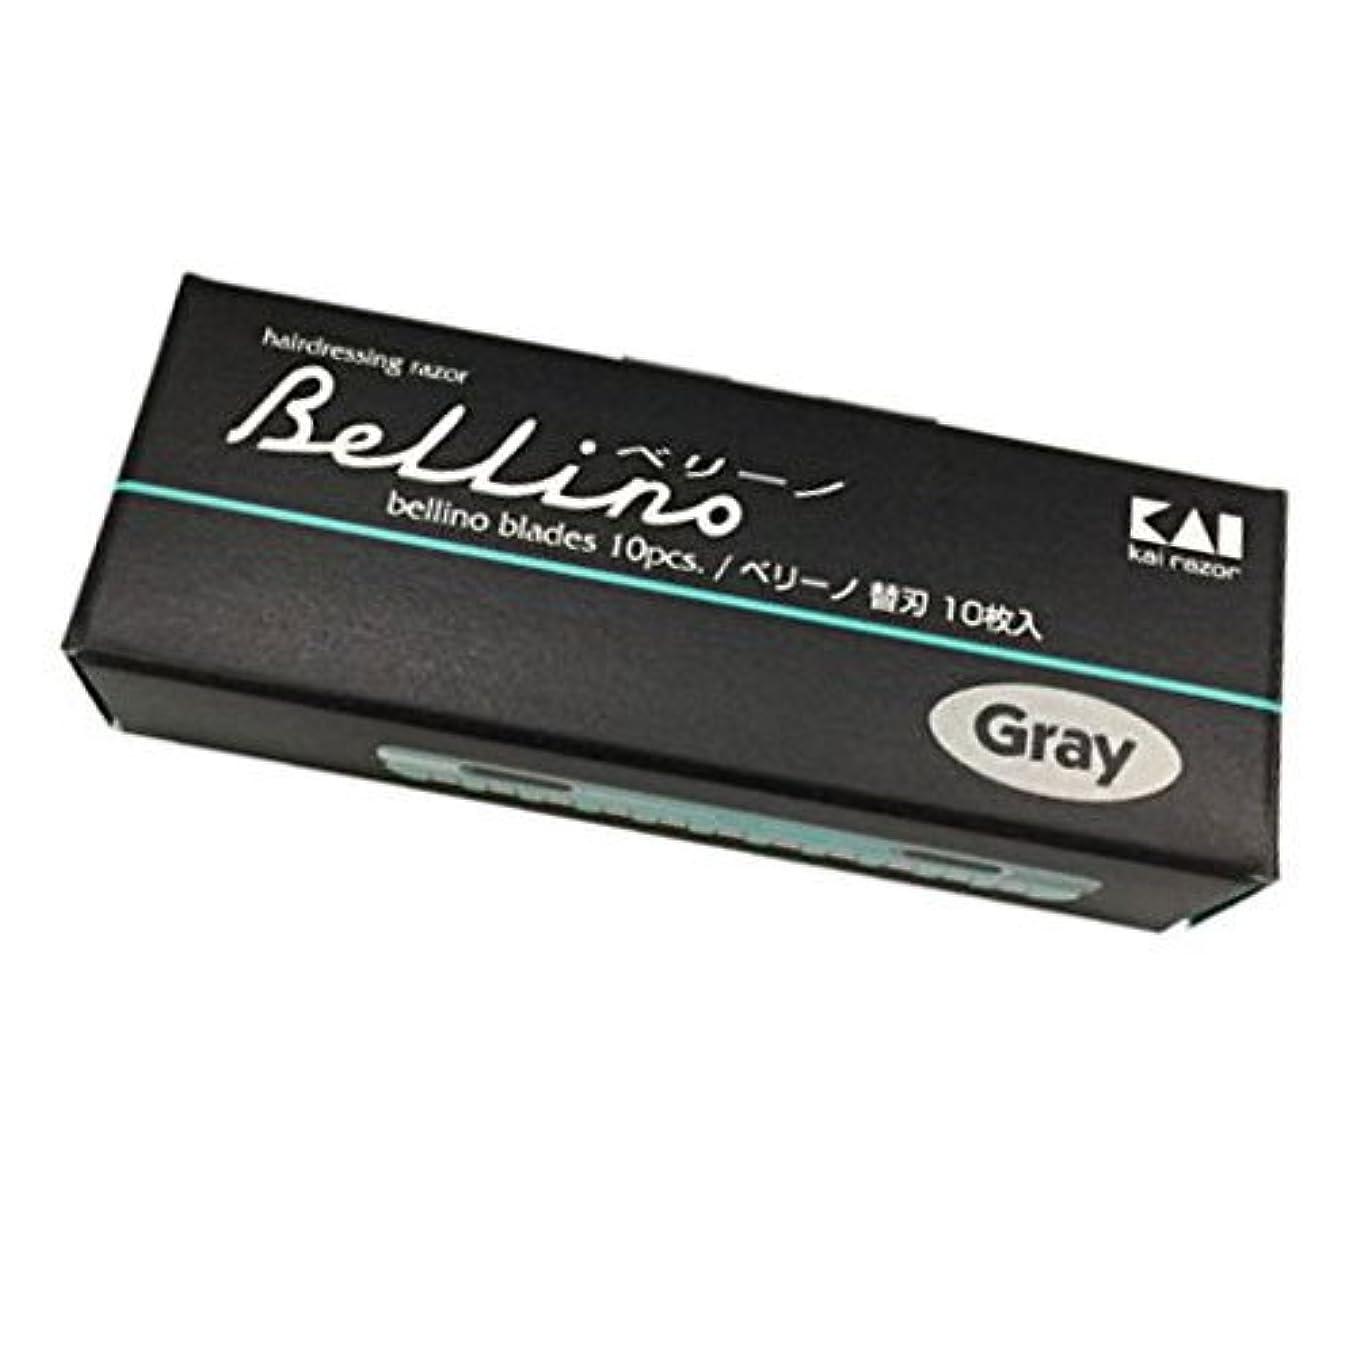 悪化する許容できるベリ貝印カミソリ ベリーノ替刃 10枚入